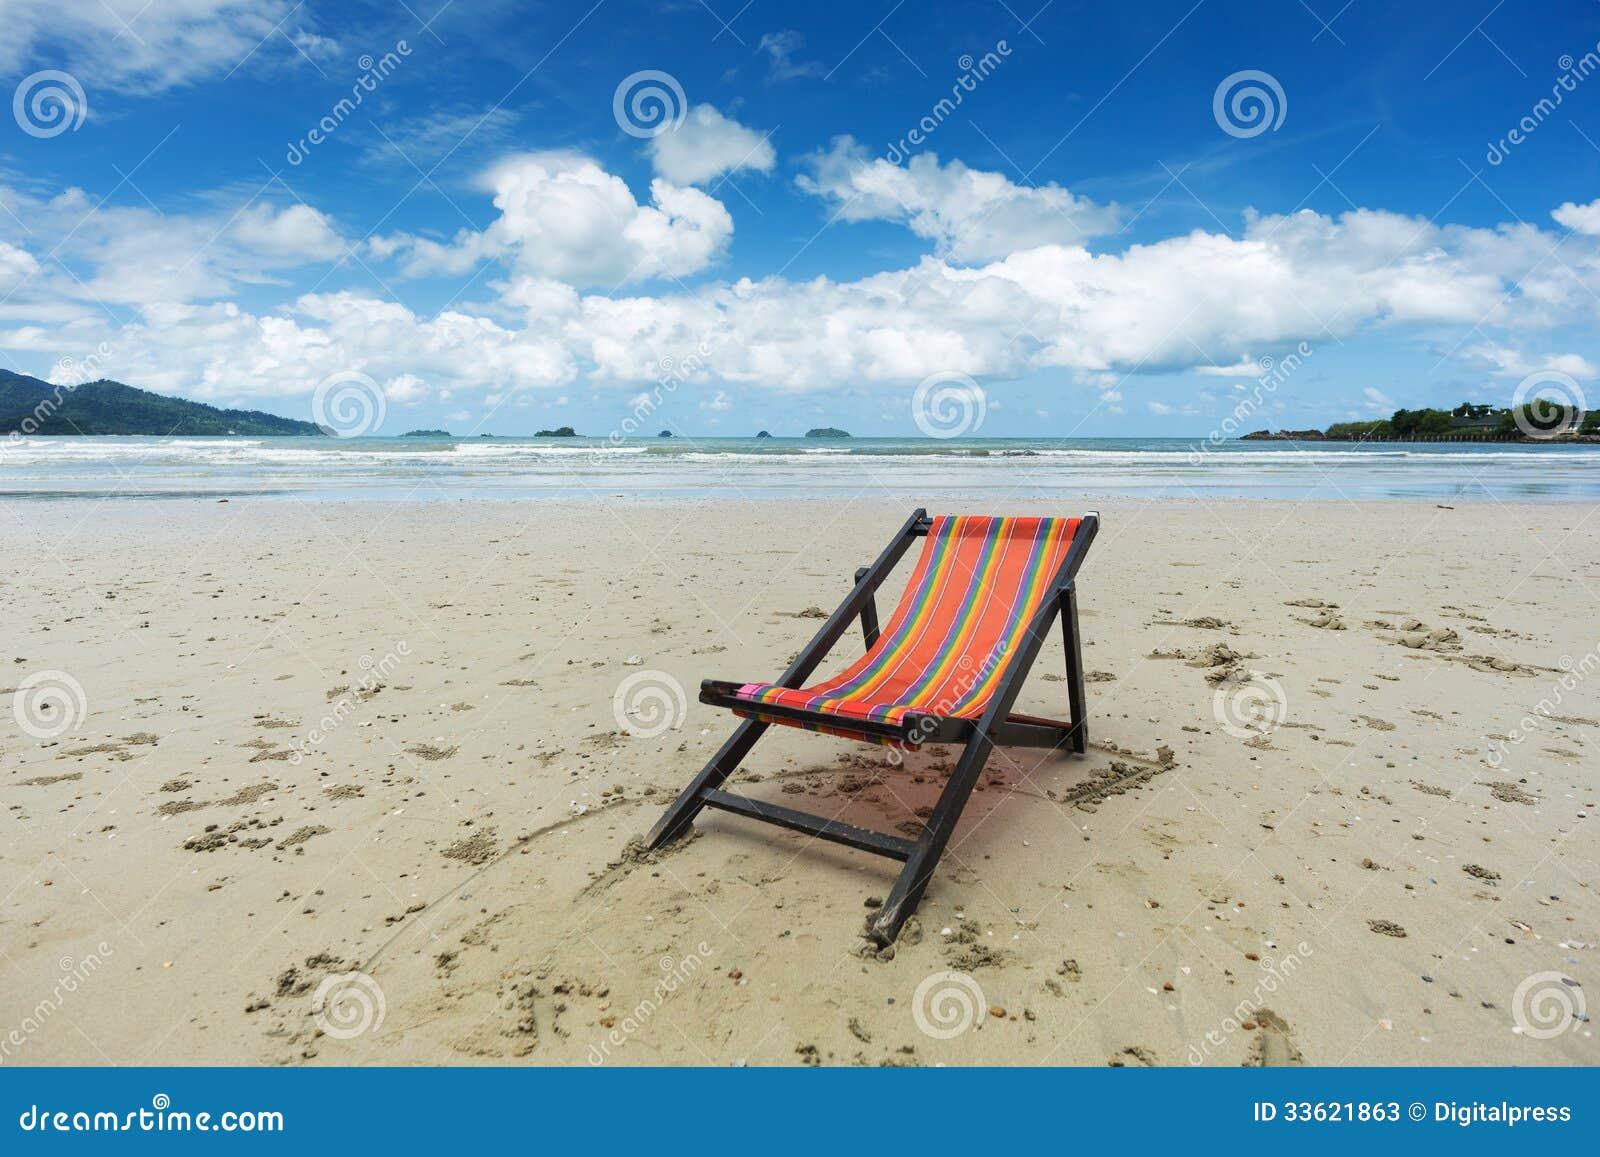 Sdraio Per La Spiaggia.Sdraio Spiaggia Disegno Brande Sdraio Spiaggia Vendo Sdraiette